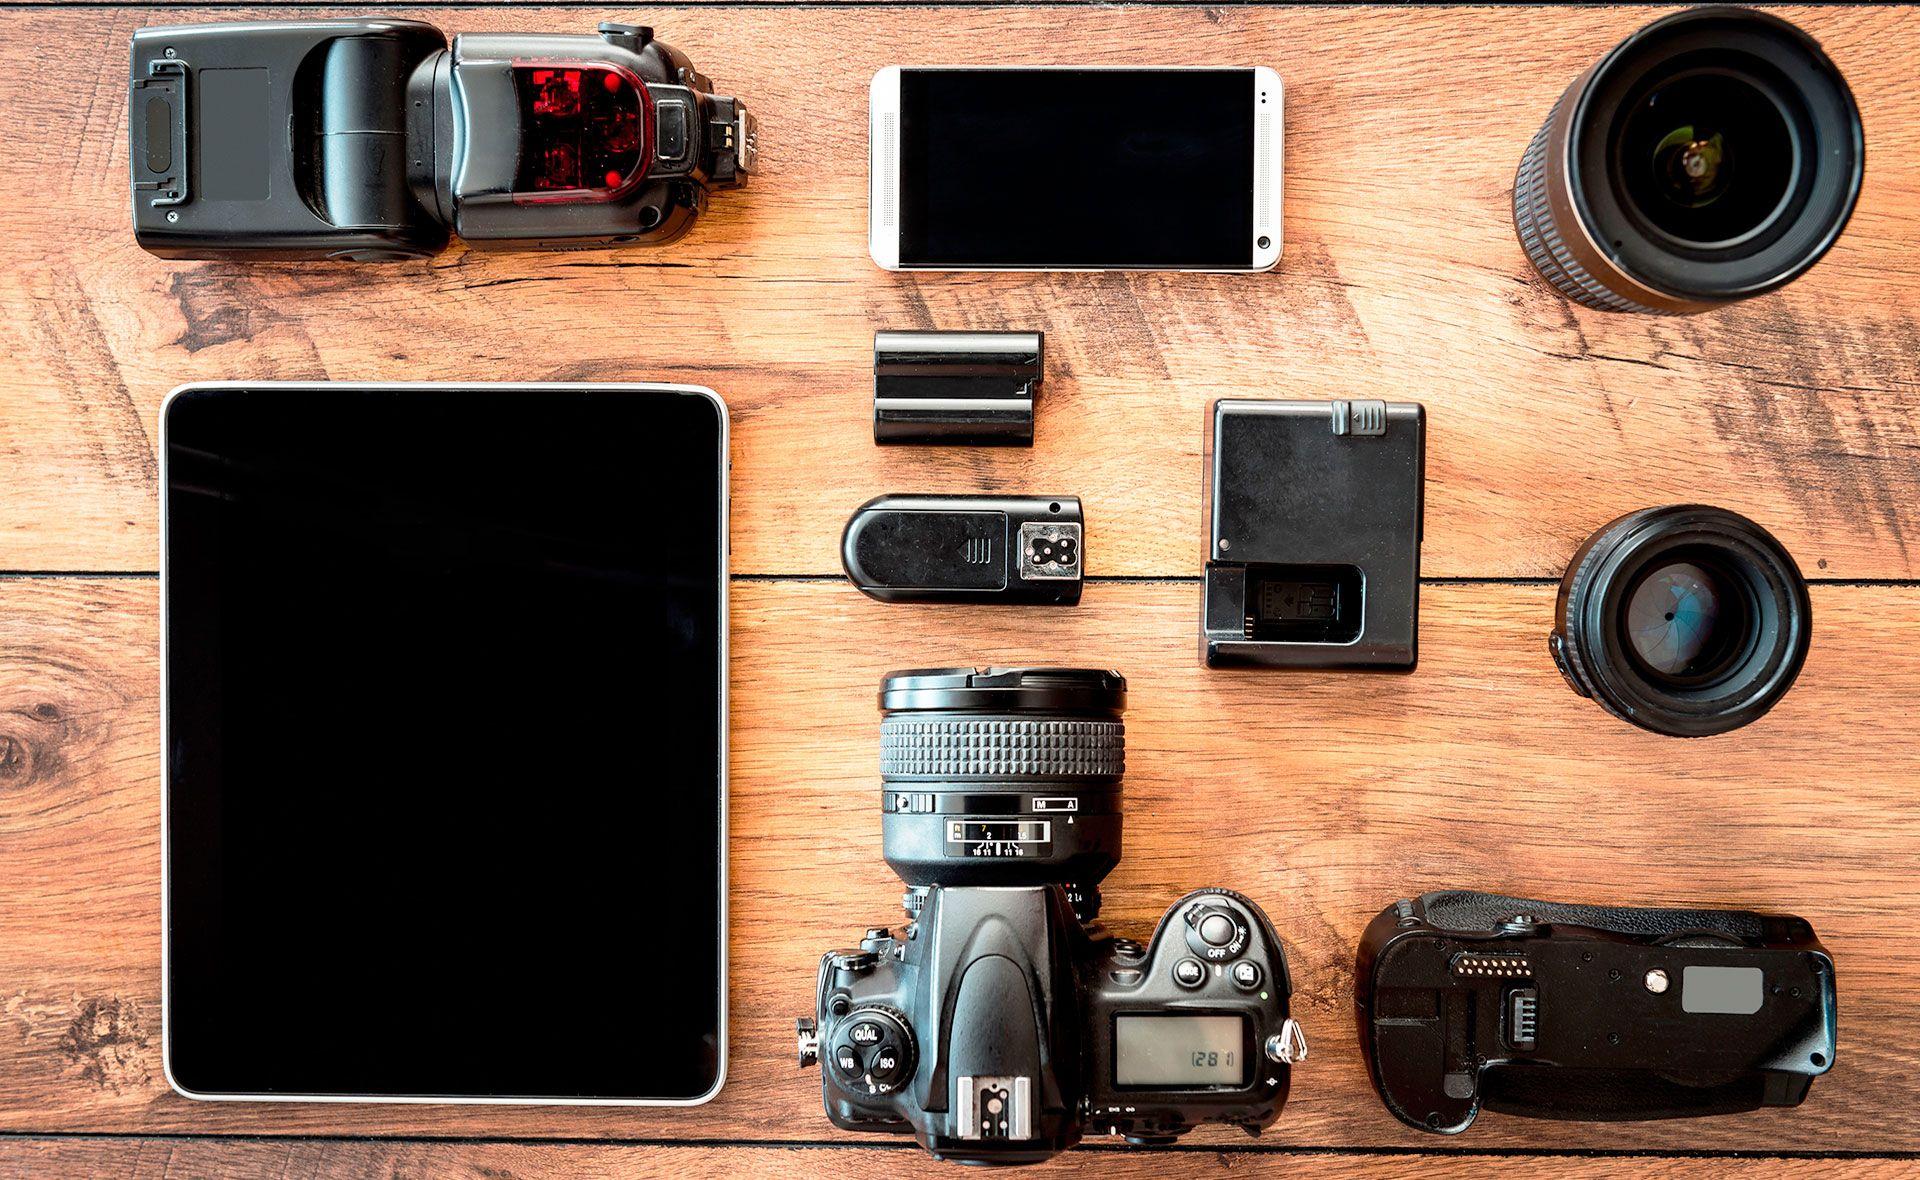 оборудование для фотографа фоны стиль модерн